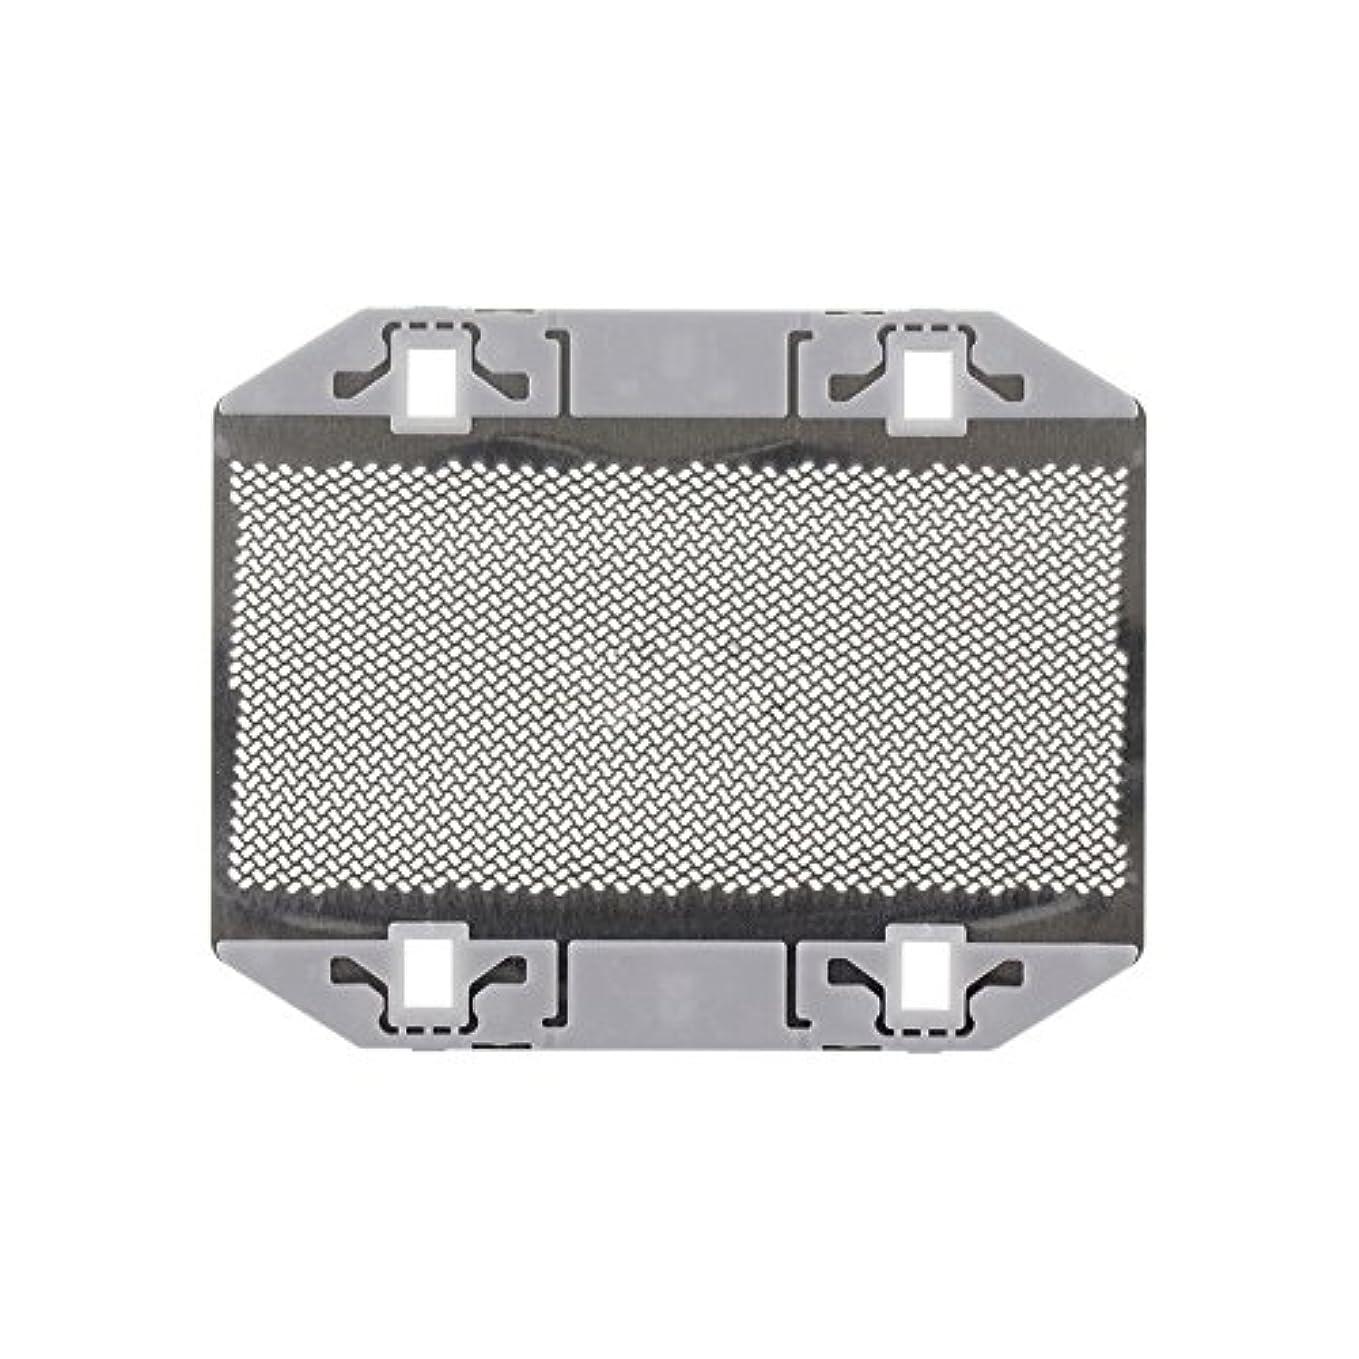 怪しいアブストラクト風景Deylaying シェーバー替刃 ロータリー式シェーバー パーツ 外刃 耐用 高質量 for Panasonic ES9943 ES3042 ES3801 ES3750 ES365 ES366